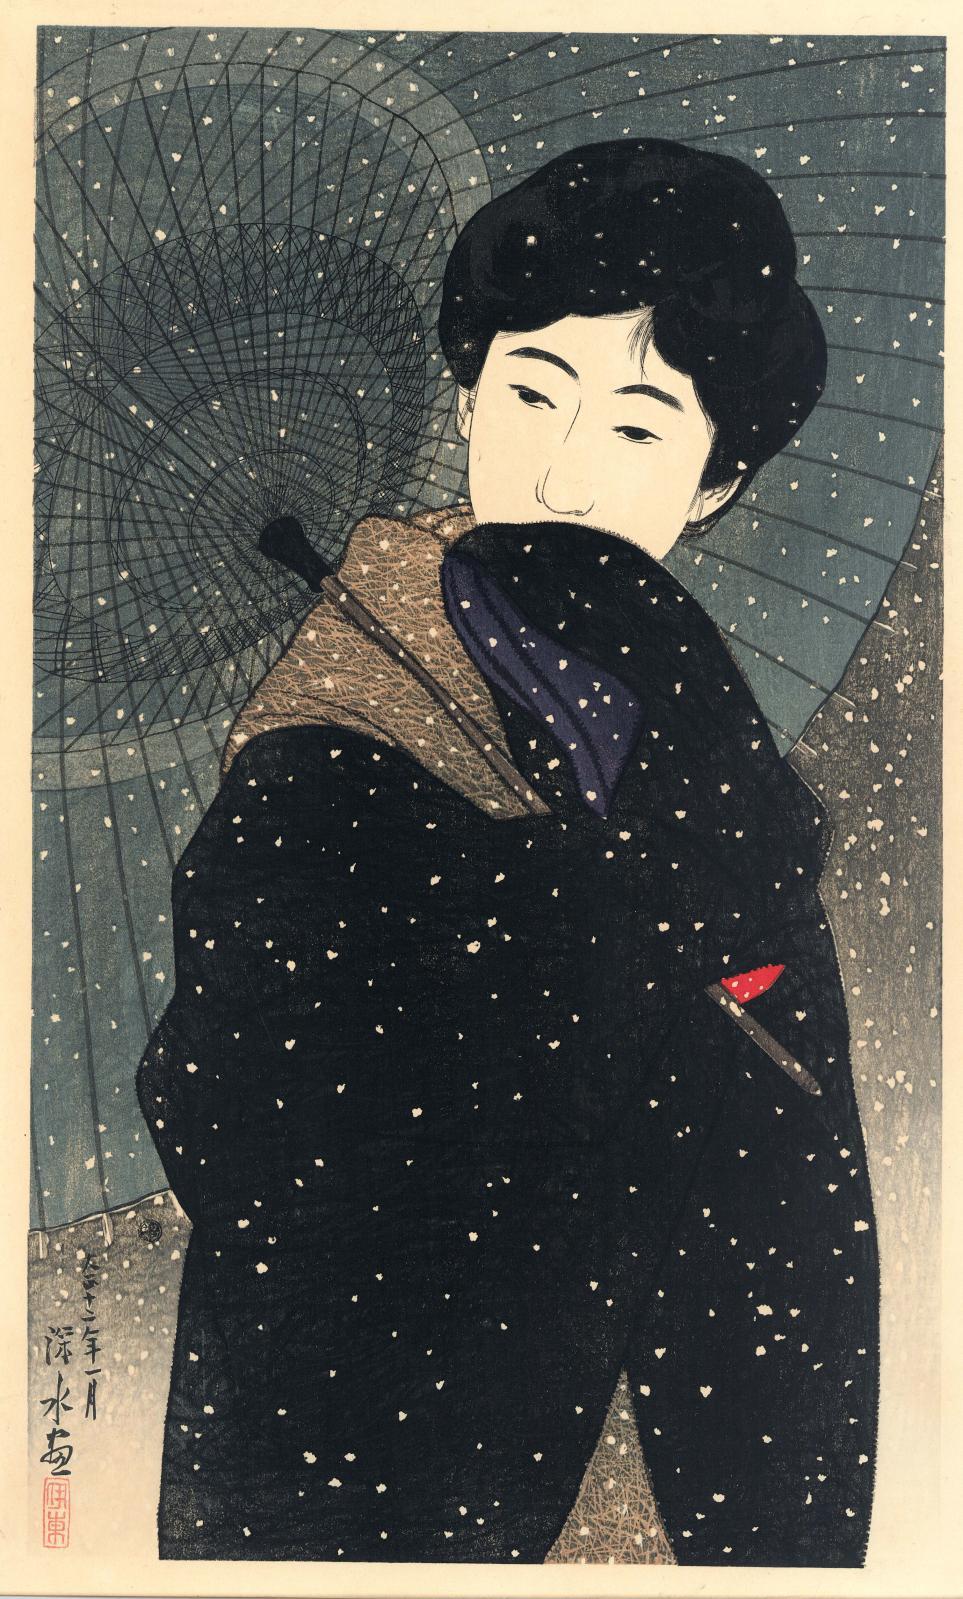 Ito Shinsui (1898-1972), Nuit dans la neige, issu de la série «Douze nouvelles belles femmes», 1923, gravure sur bois, 43,2x26,2cm (détail).